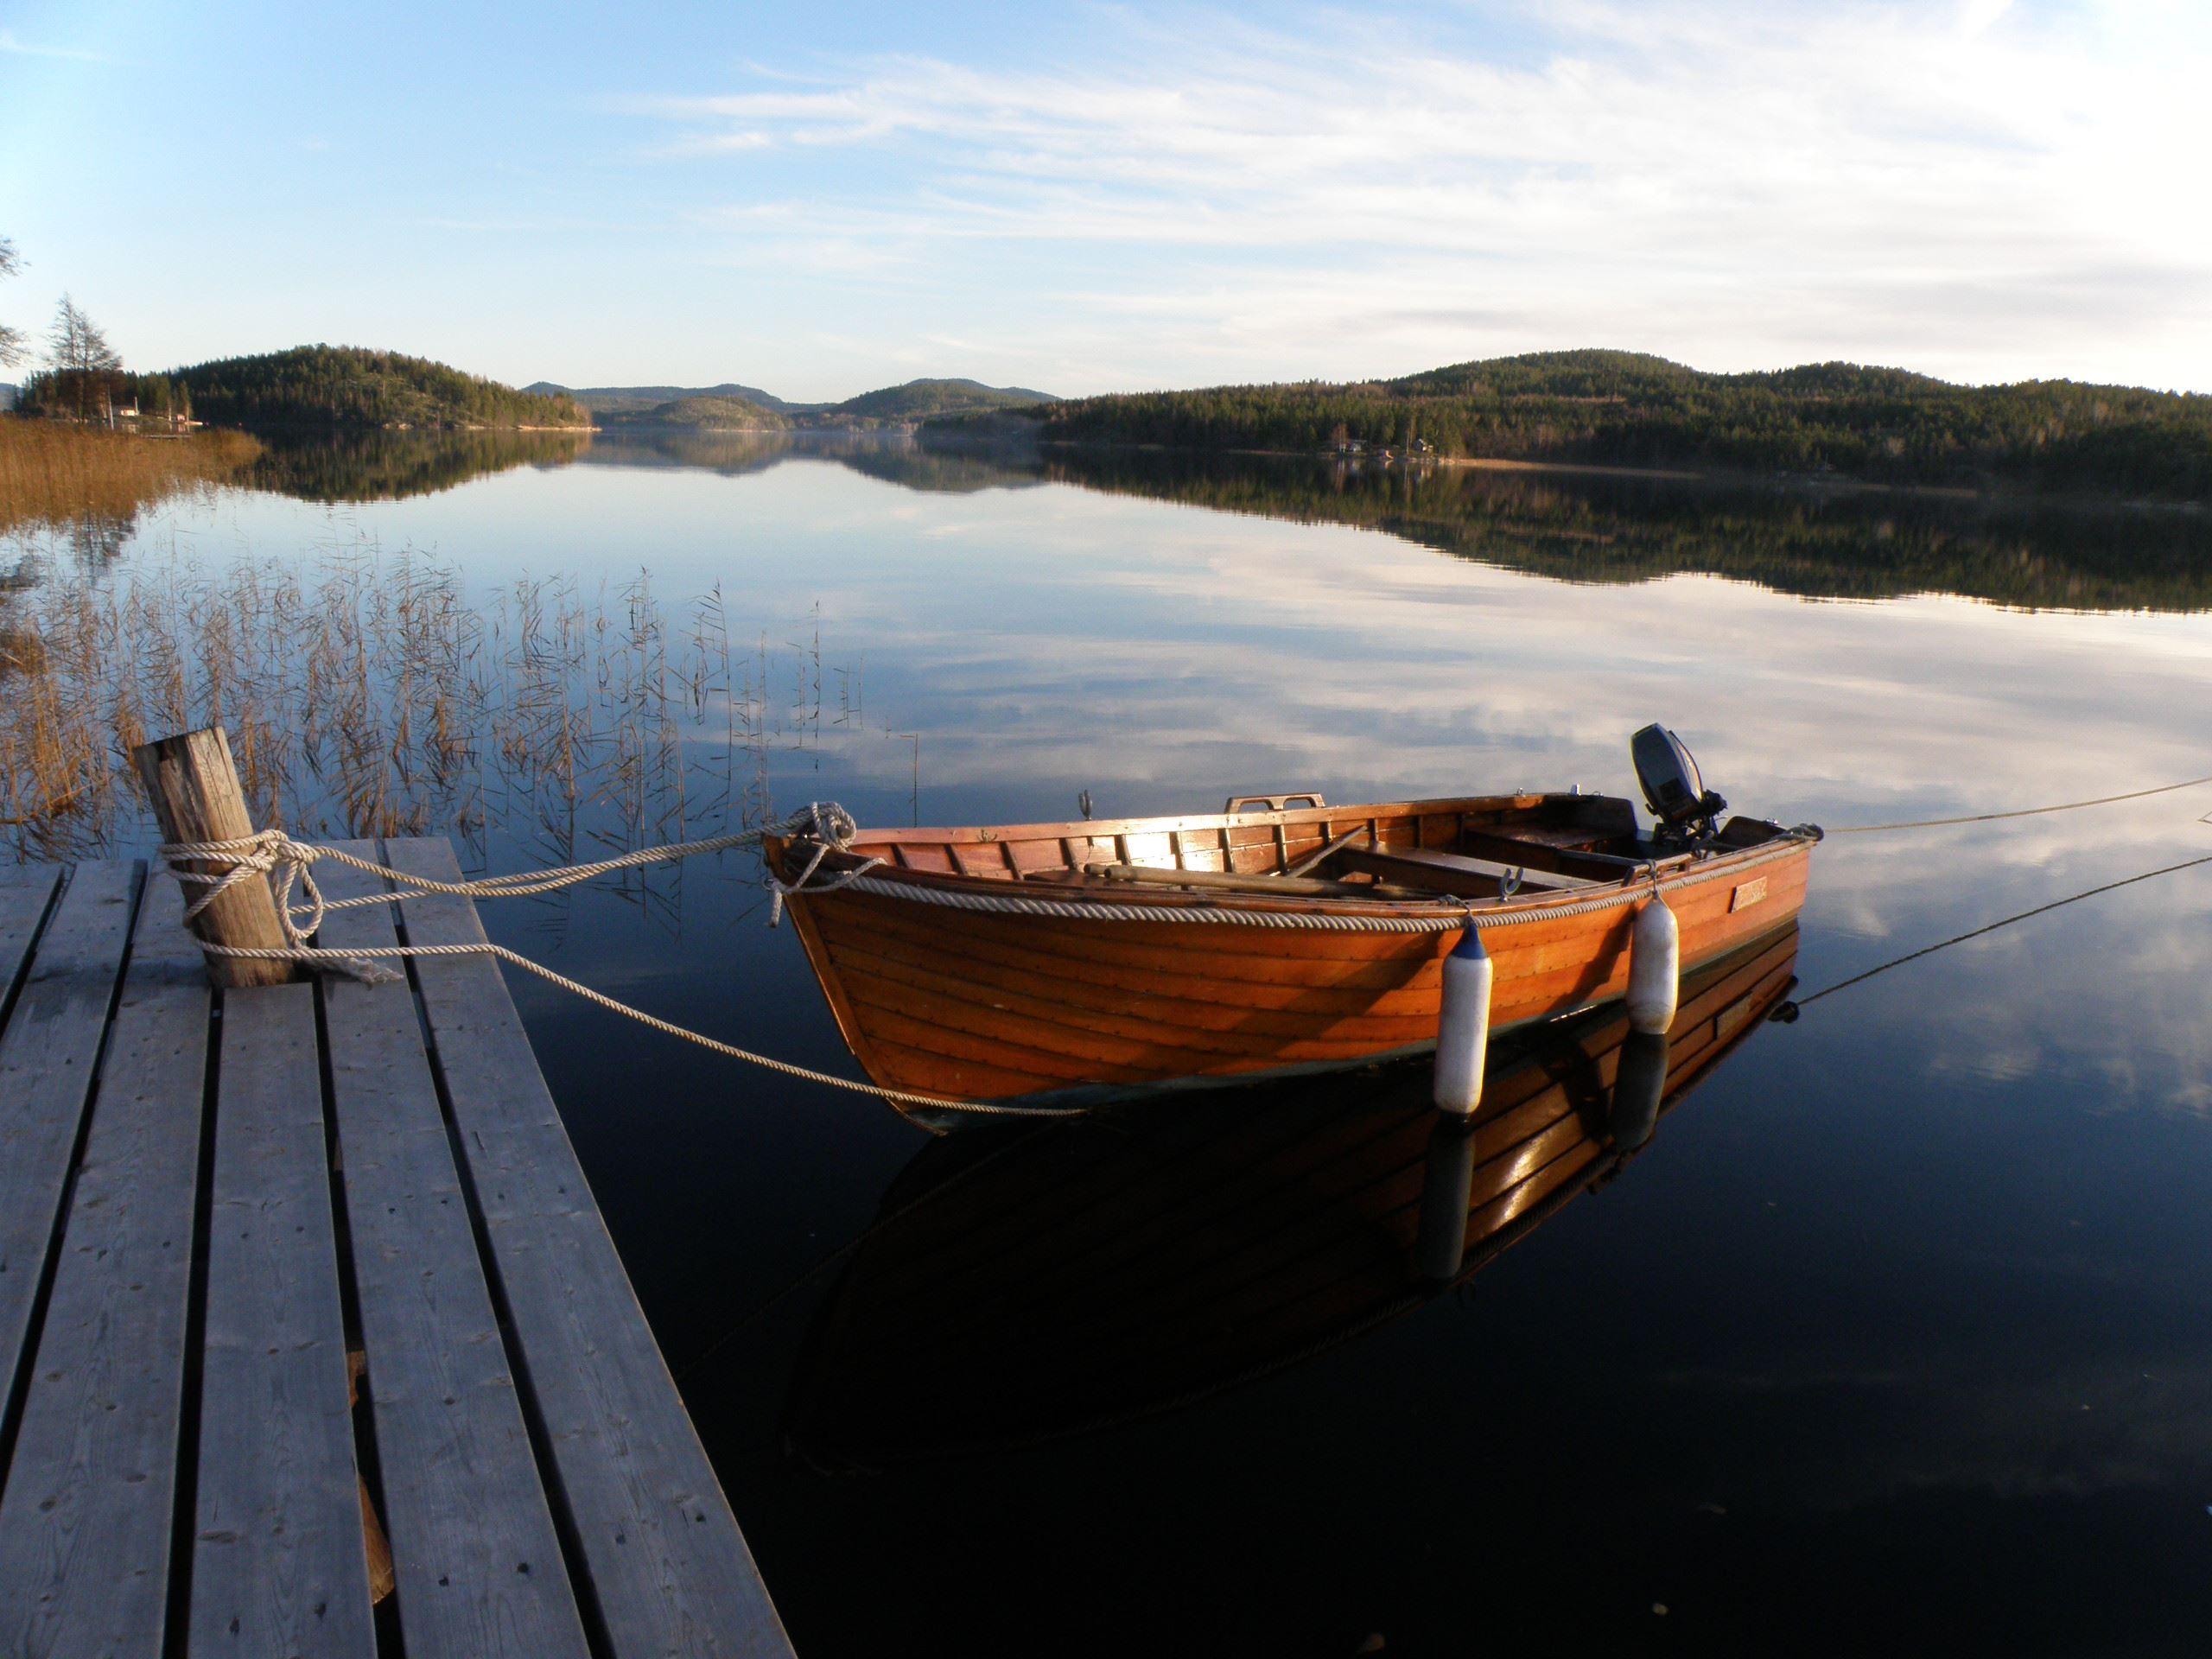 I sjöbodarna på bryggan finns enklare logi och på norafjärden går det att ta sig ut både med båt och kanot som man kan låna från utviksgården